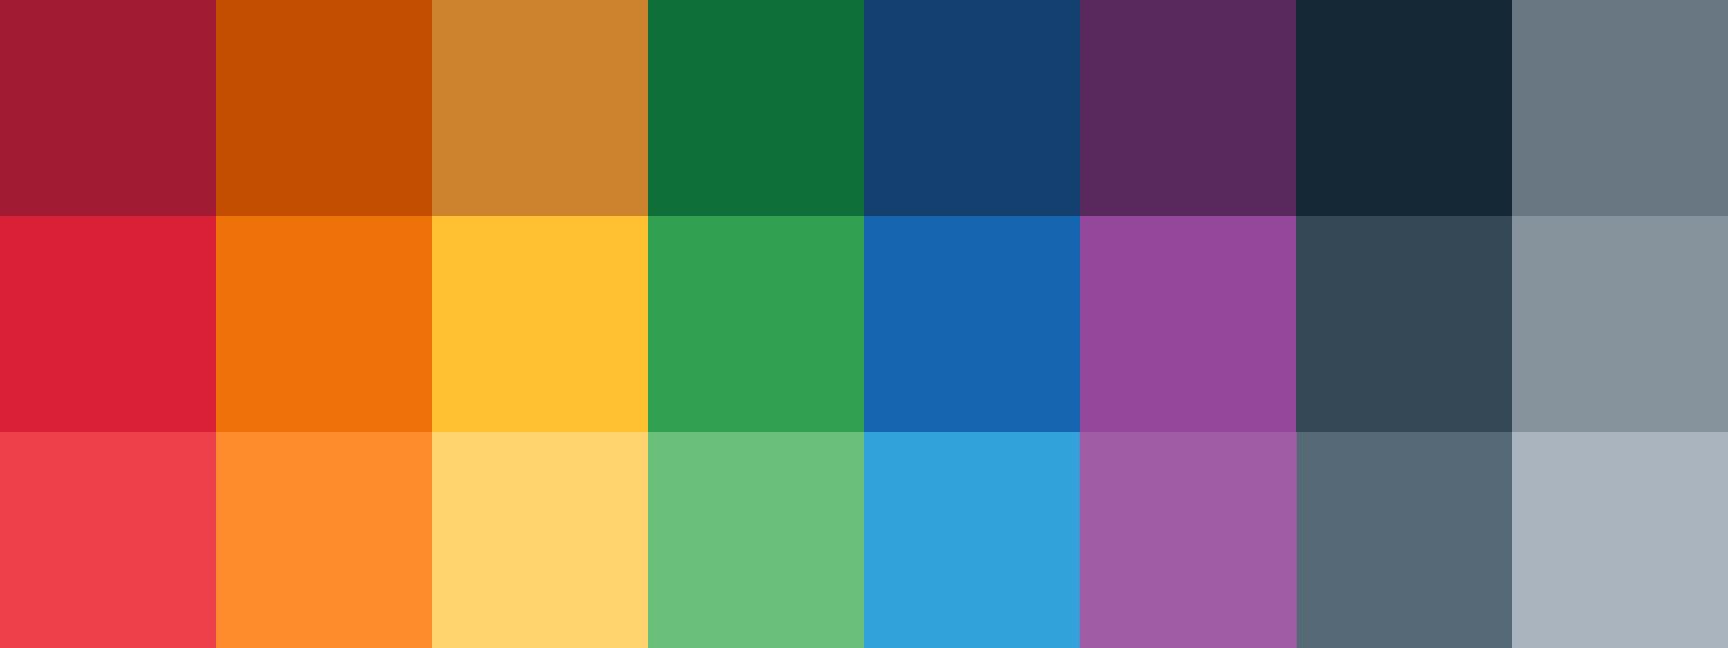 new-colors-2-copy-1